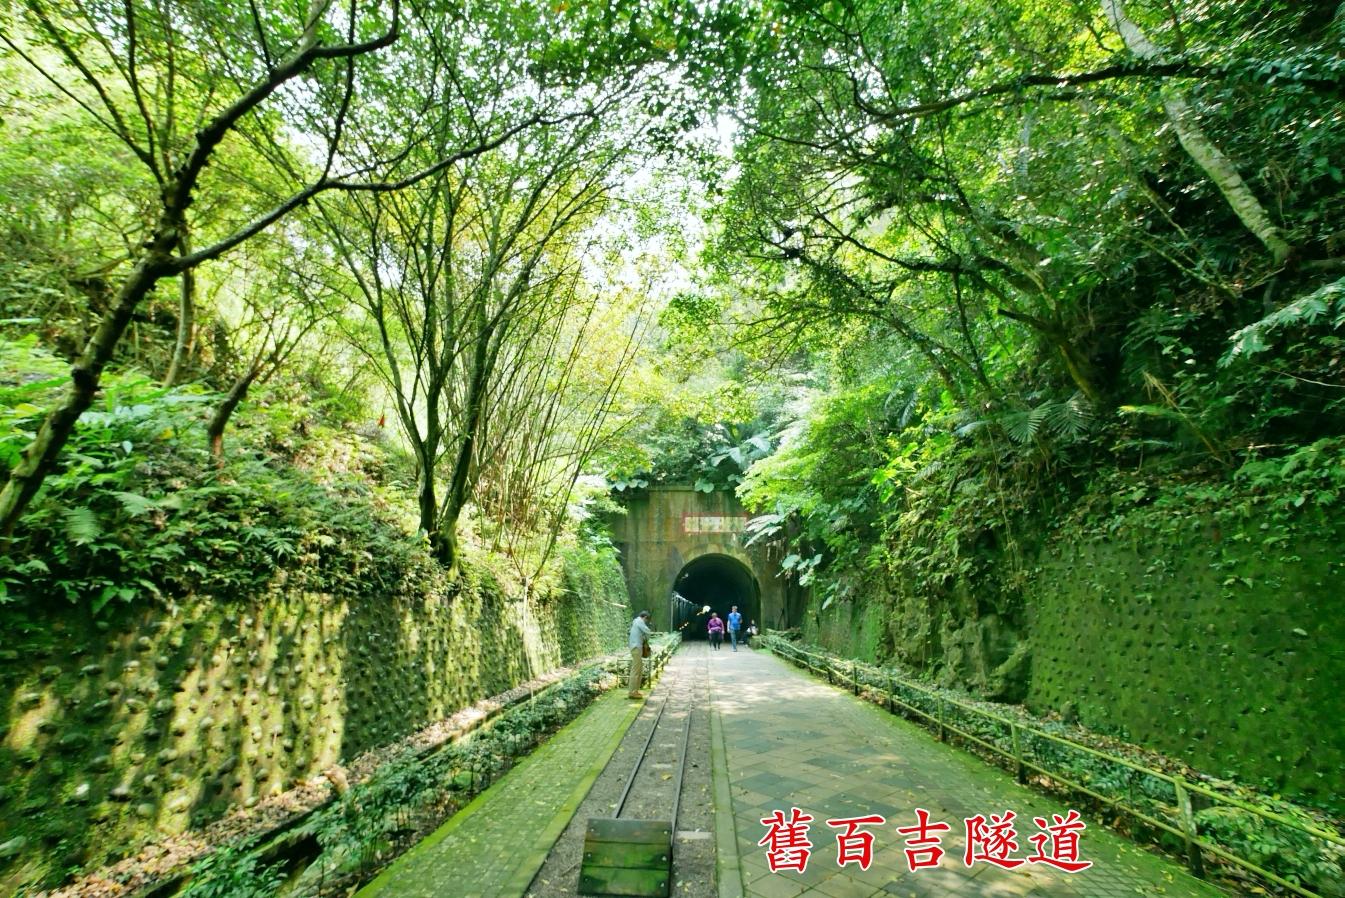 閱讀文章:[大溪旅遊]舊百吉隧道|慈湖往角板山的免費景點~內有早年的台車輕便鐵路.平緩好走又涼快